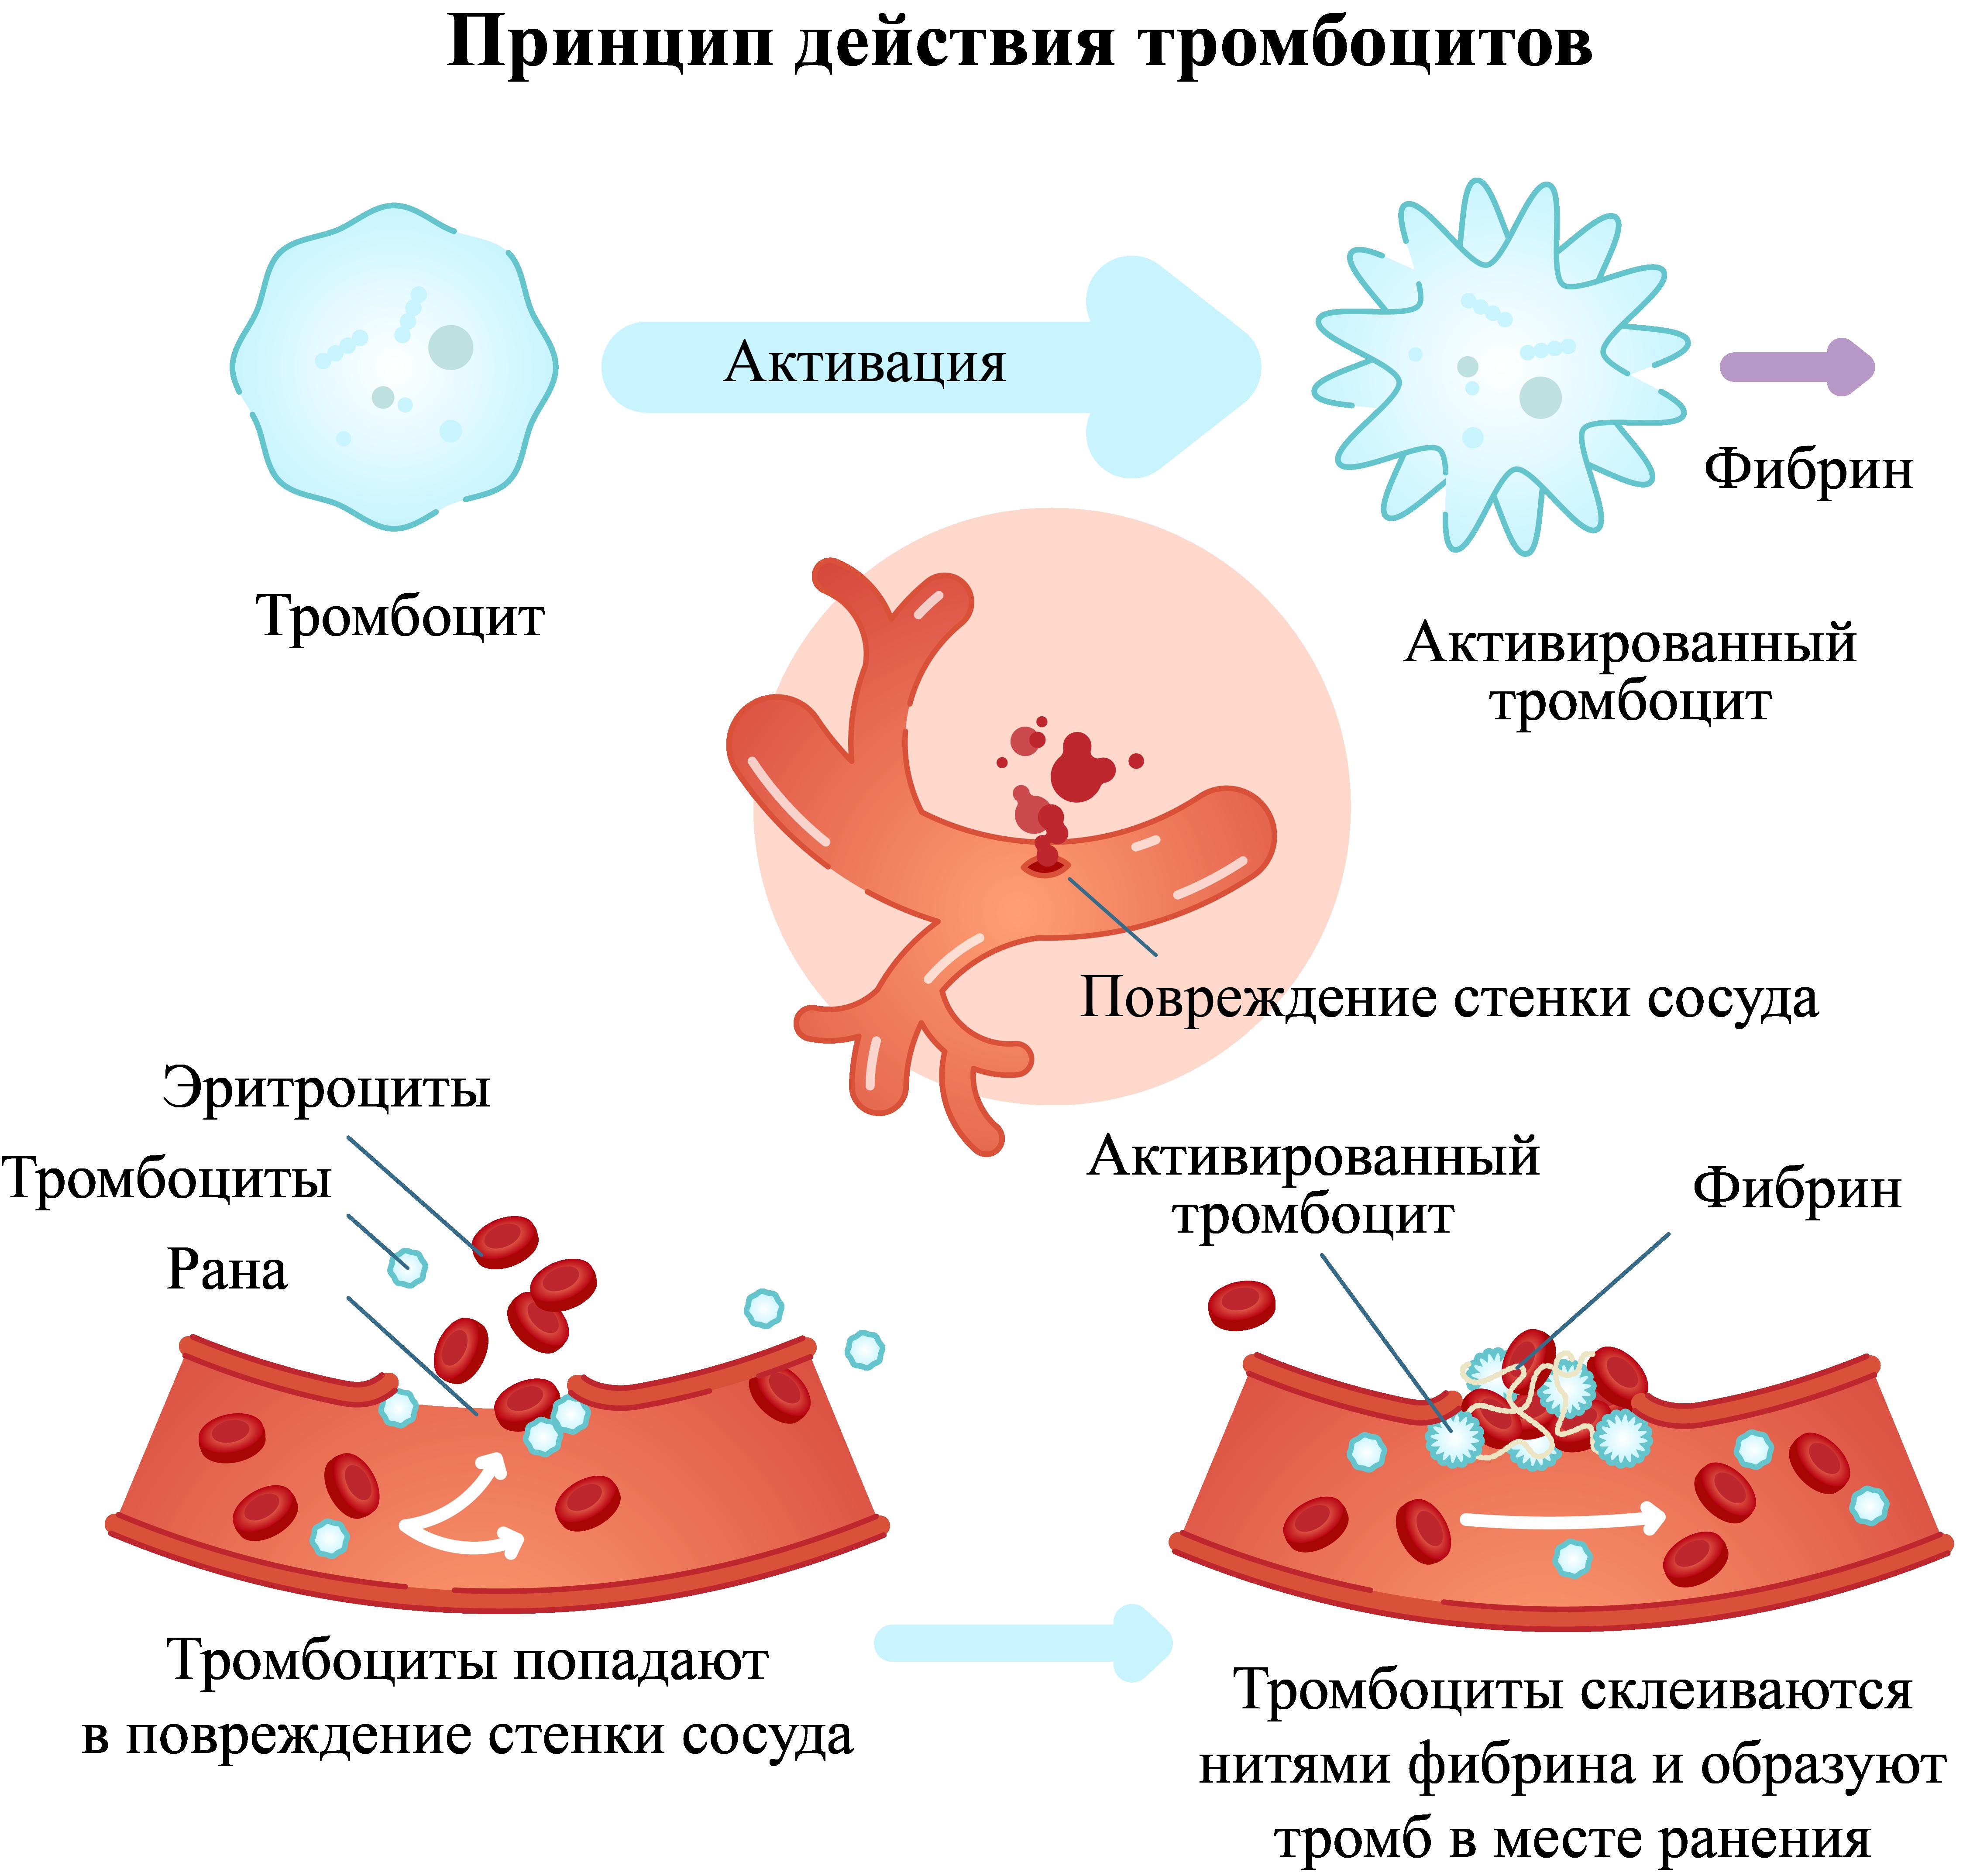 Принцип действия тромбоцитов